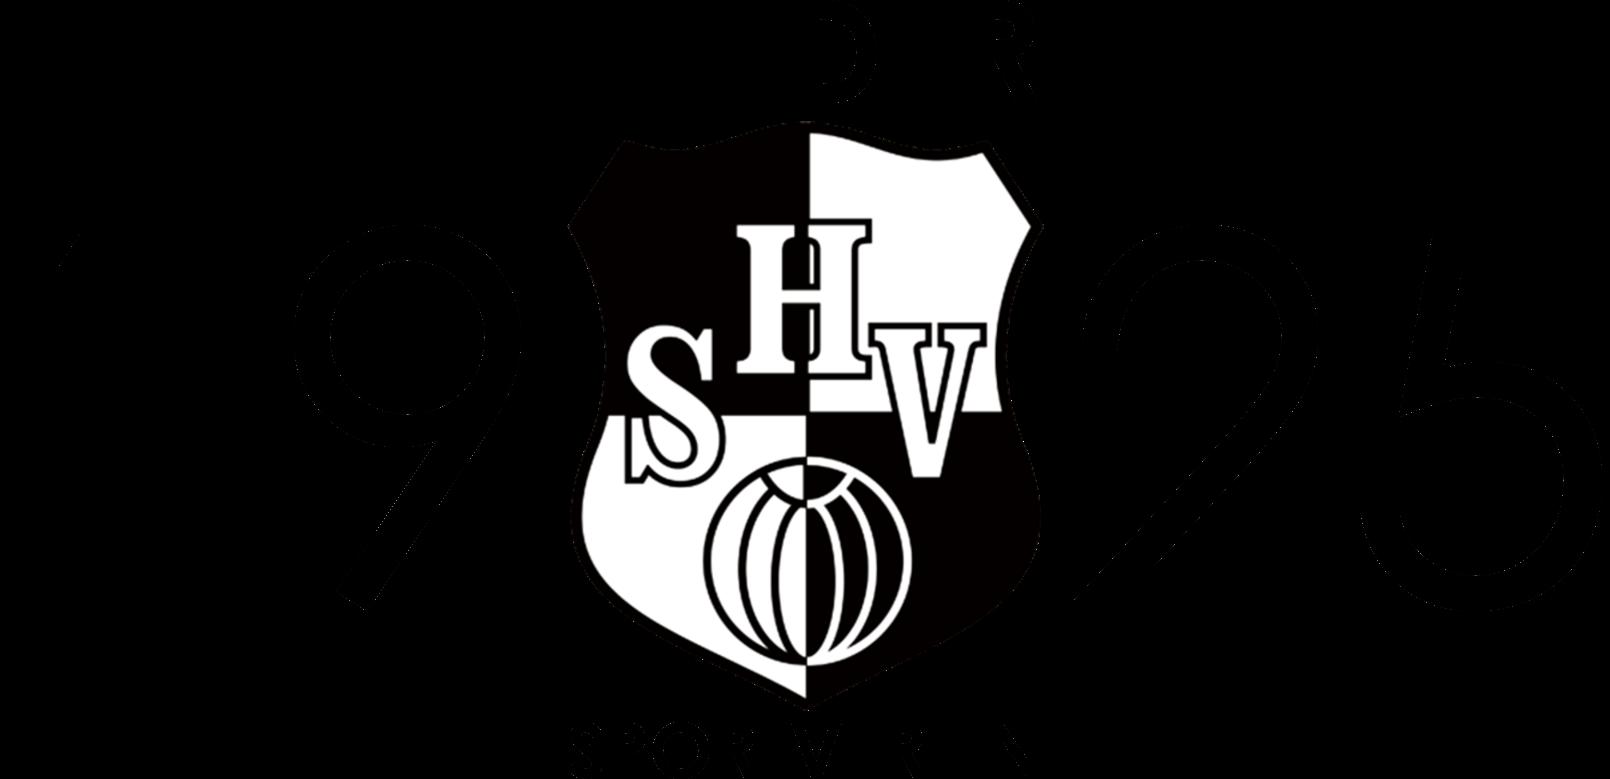 Heider SV Fanshop